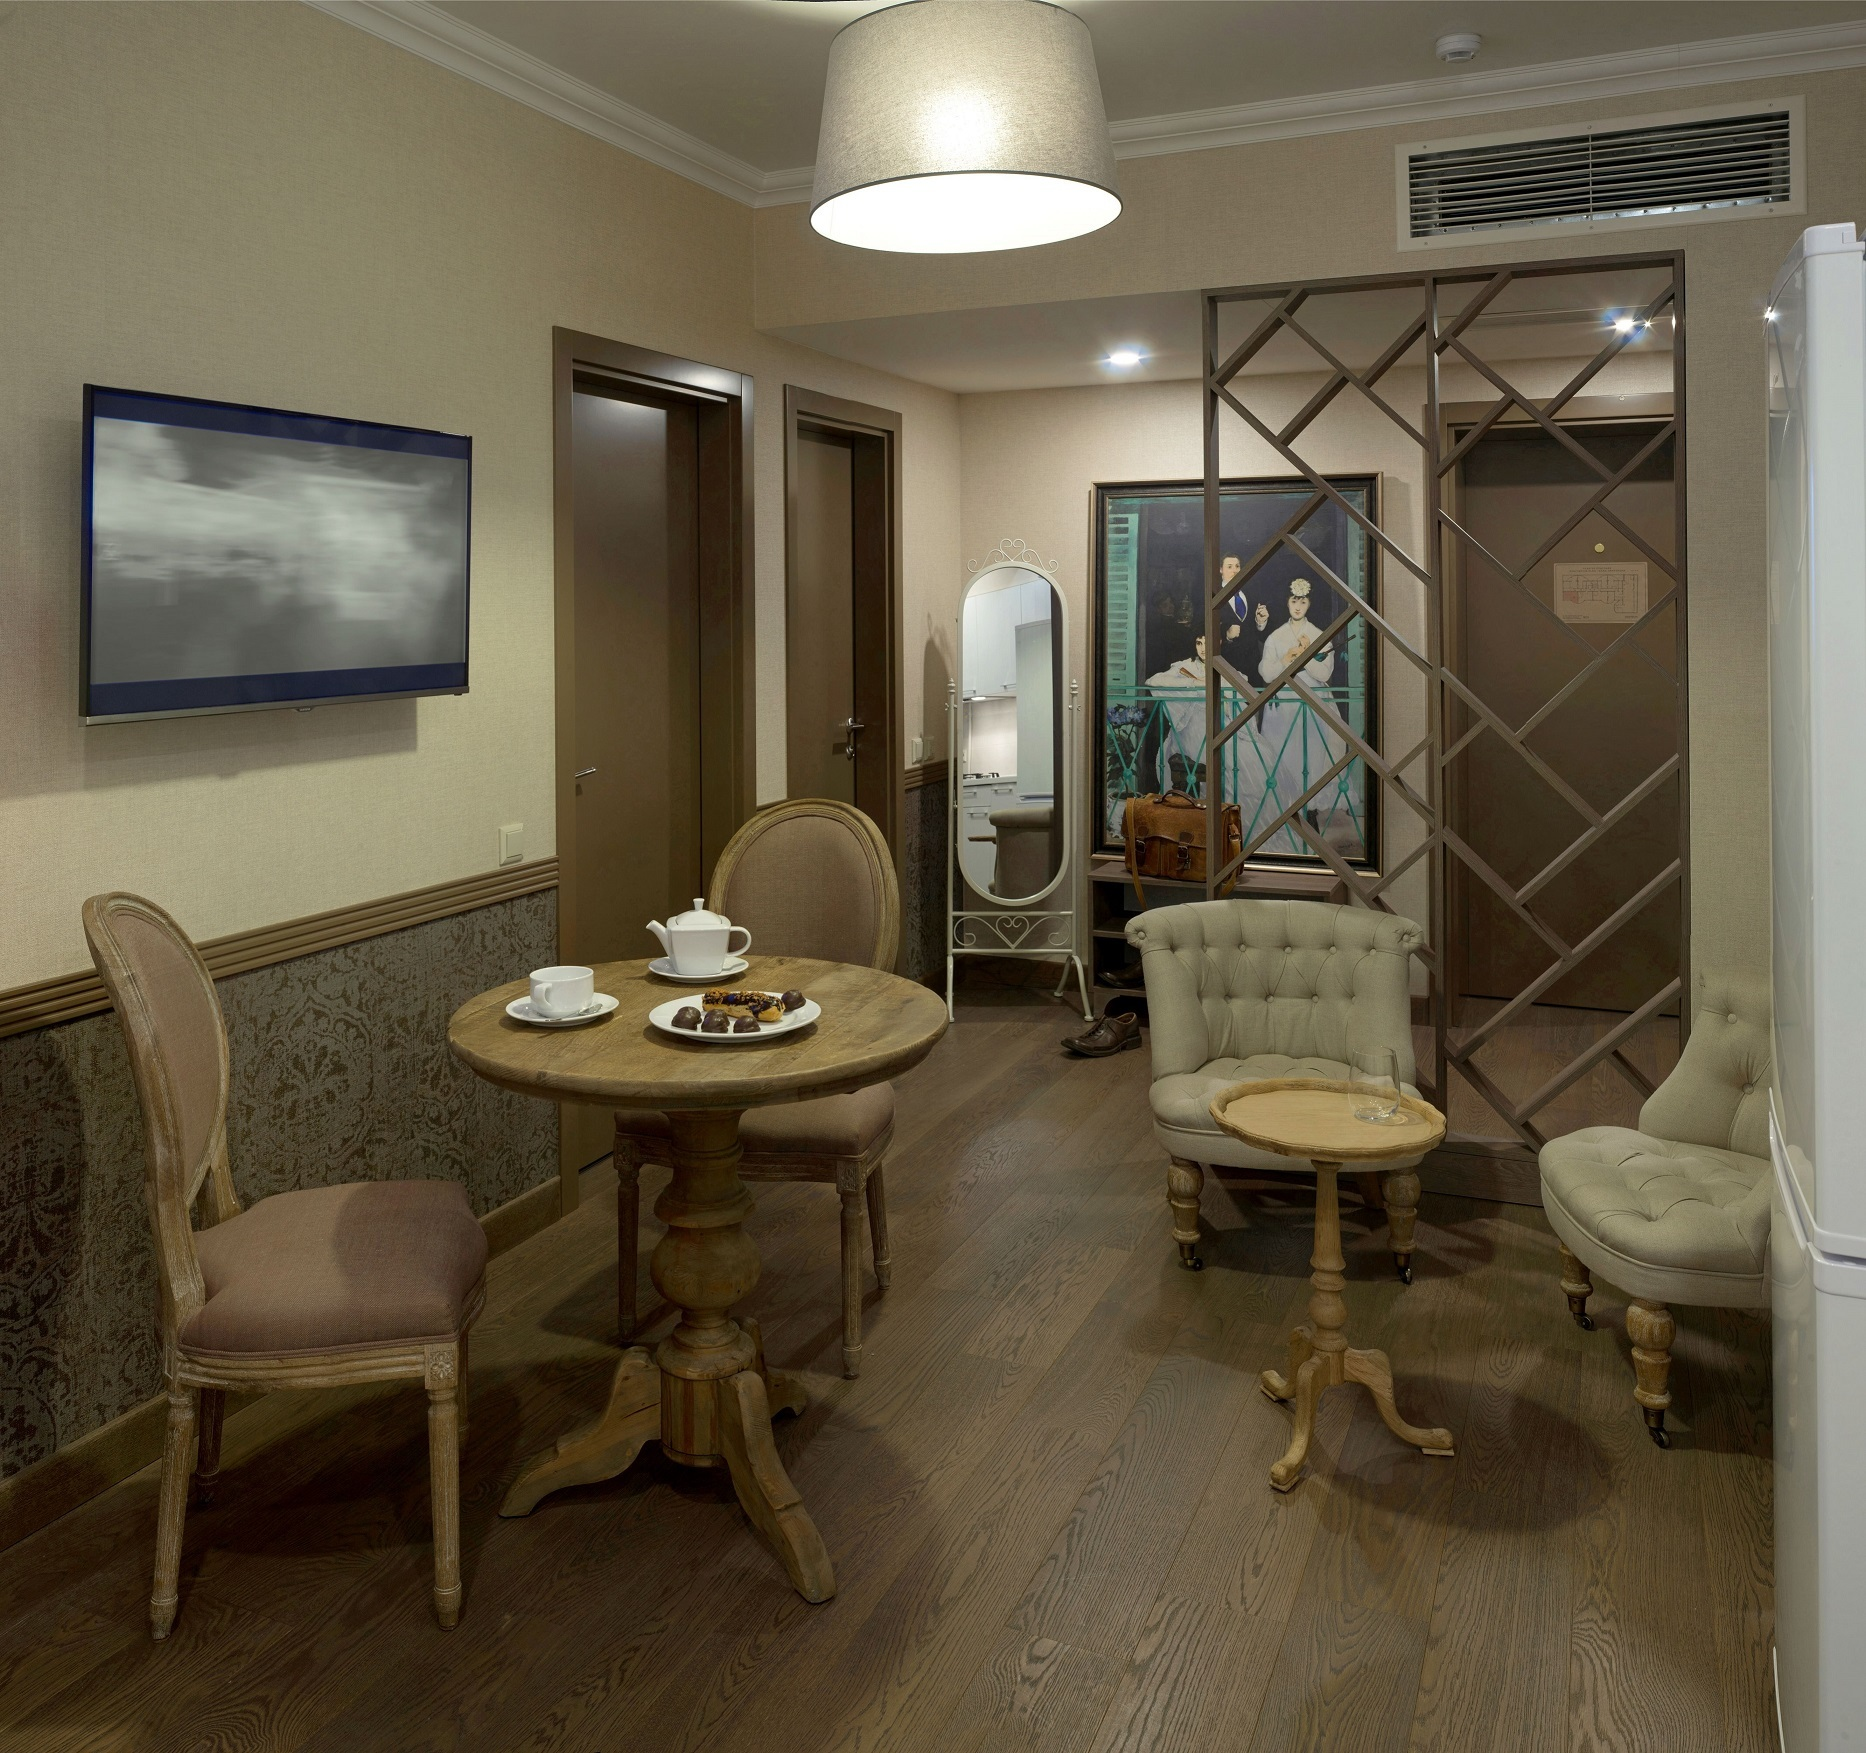 Iconic room